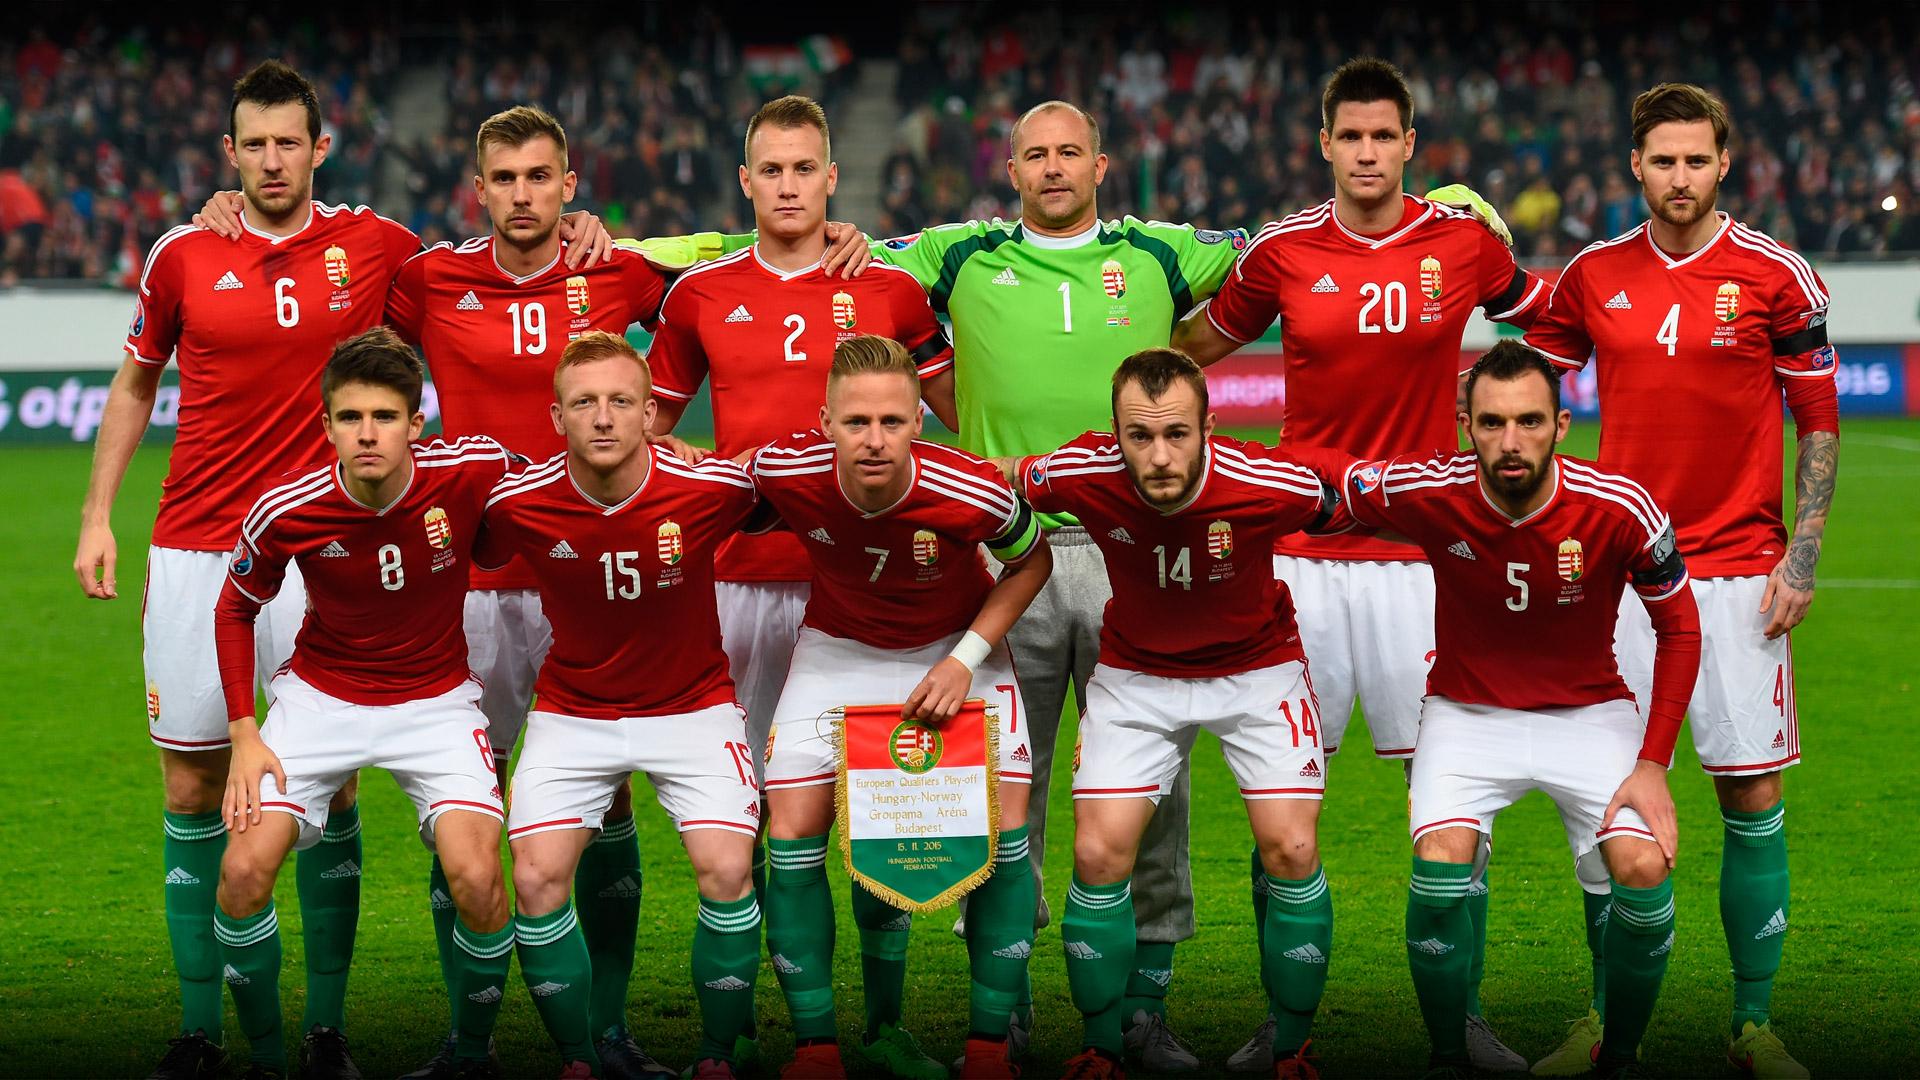 Hungría vuelve a un gran torneo después de 30 años de crisis